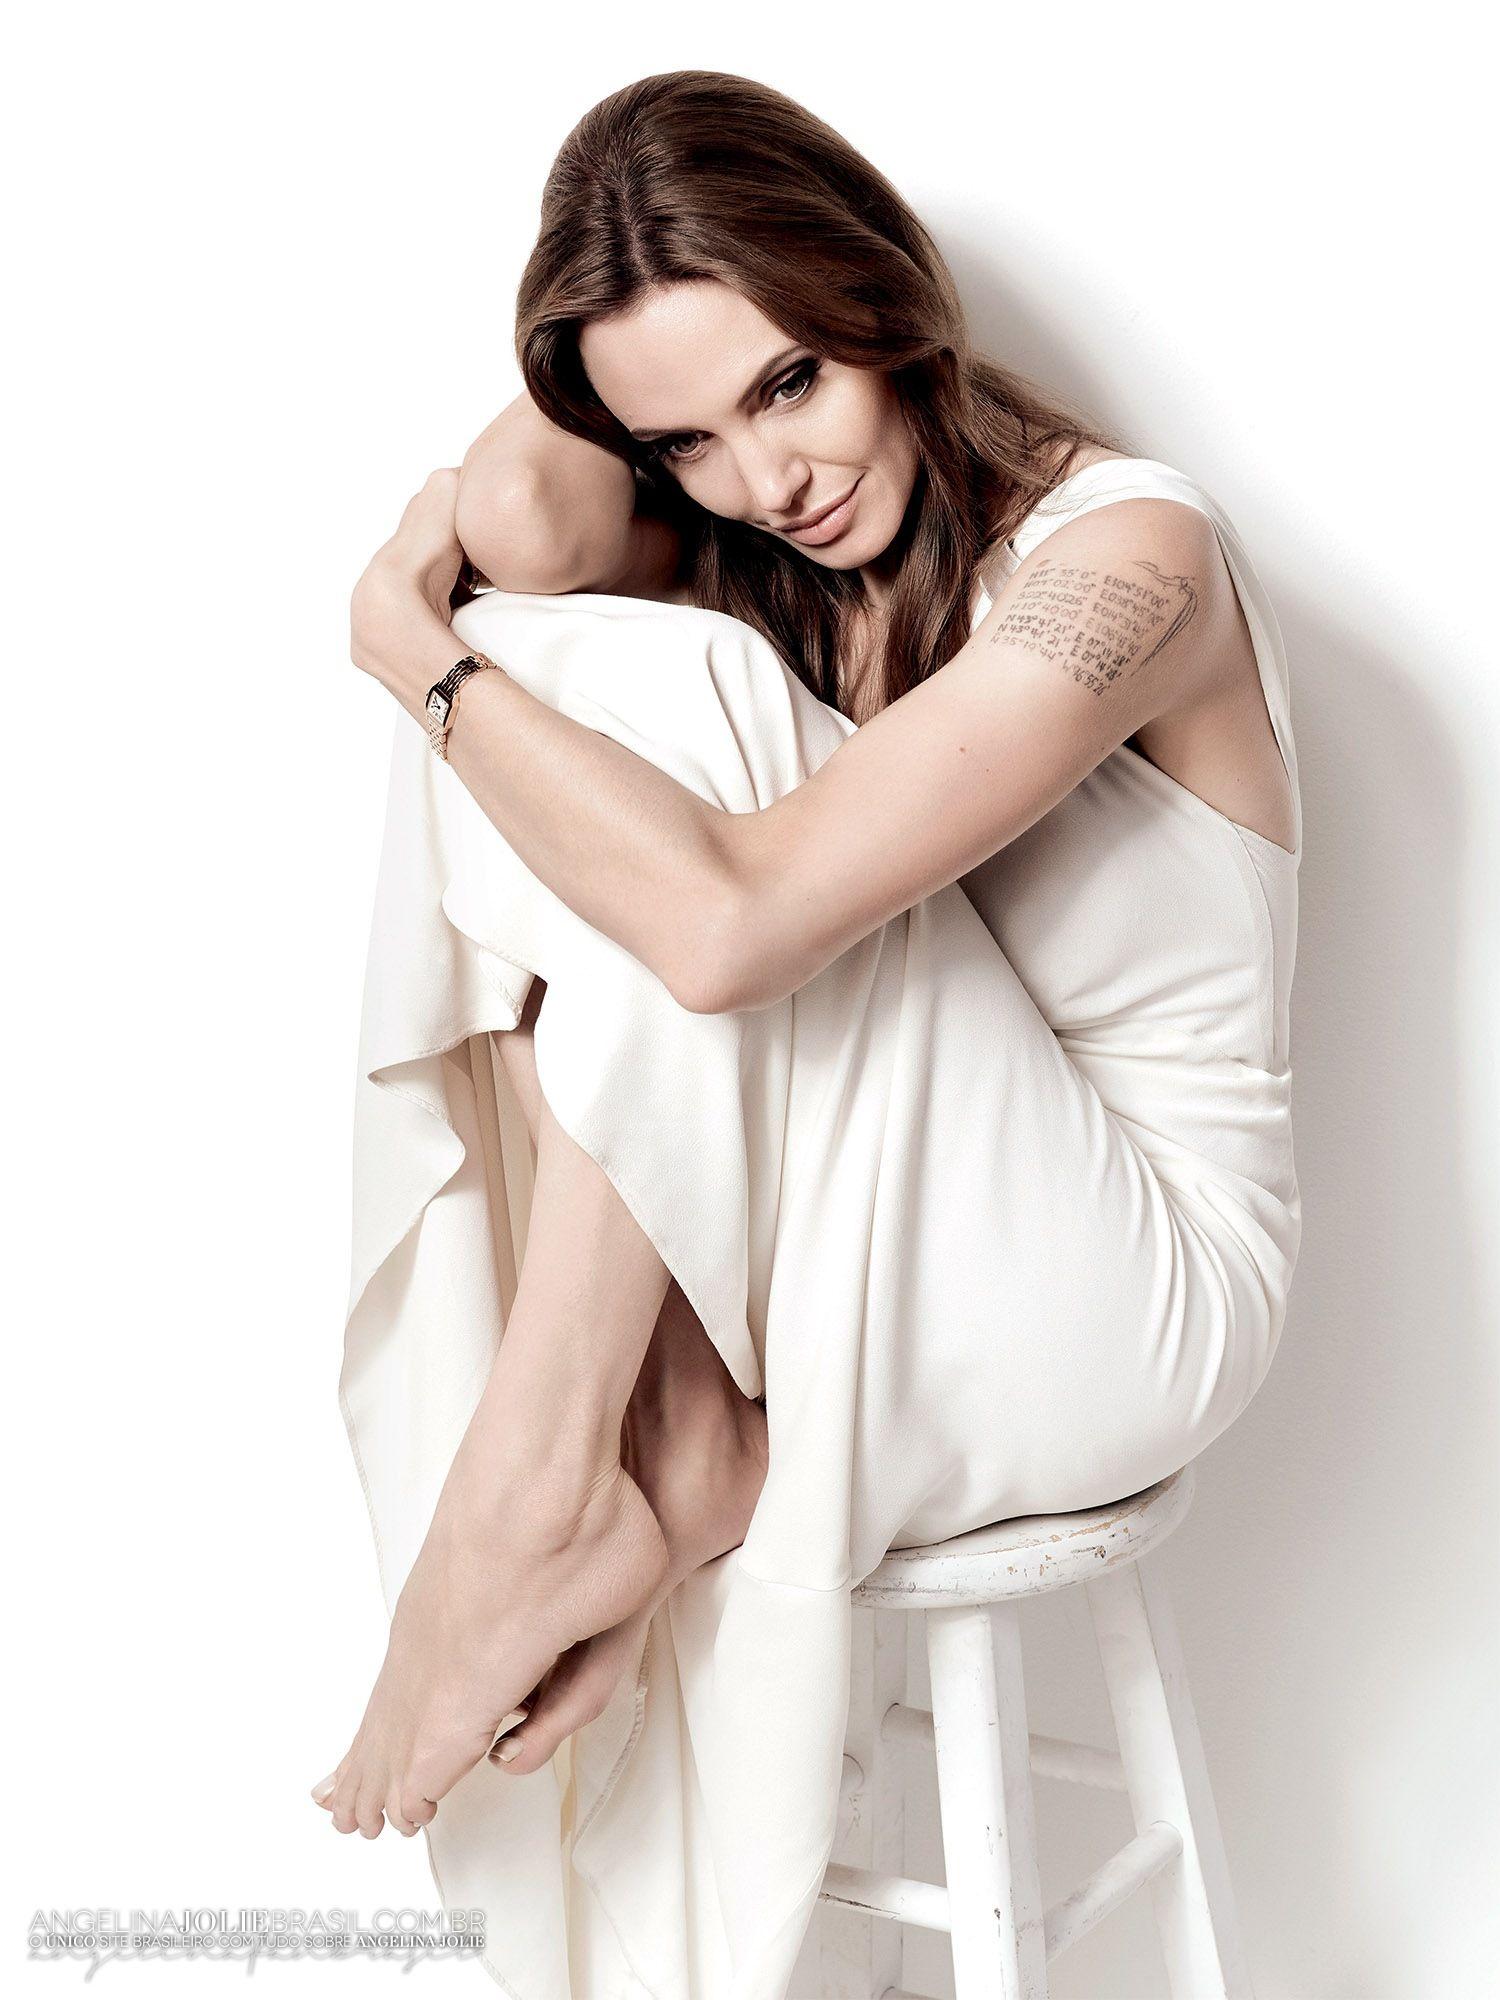 Celebrites Jevgenija Tischenko nude photos 2019